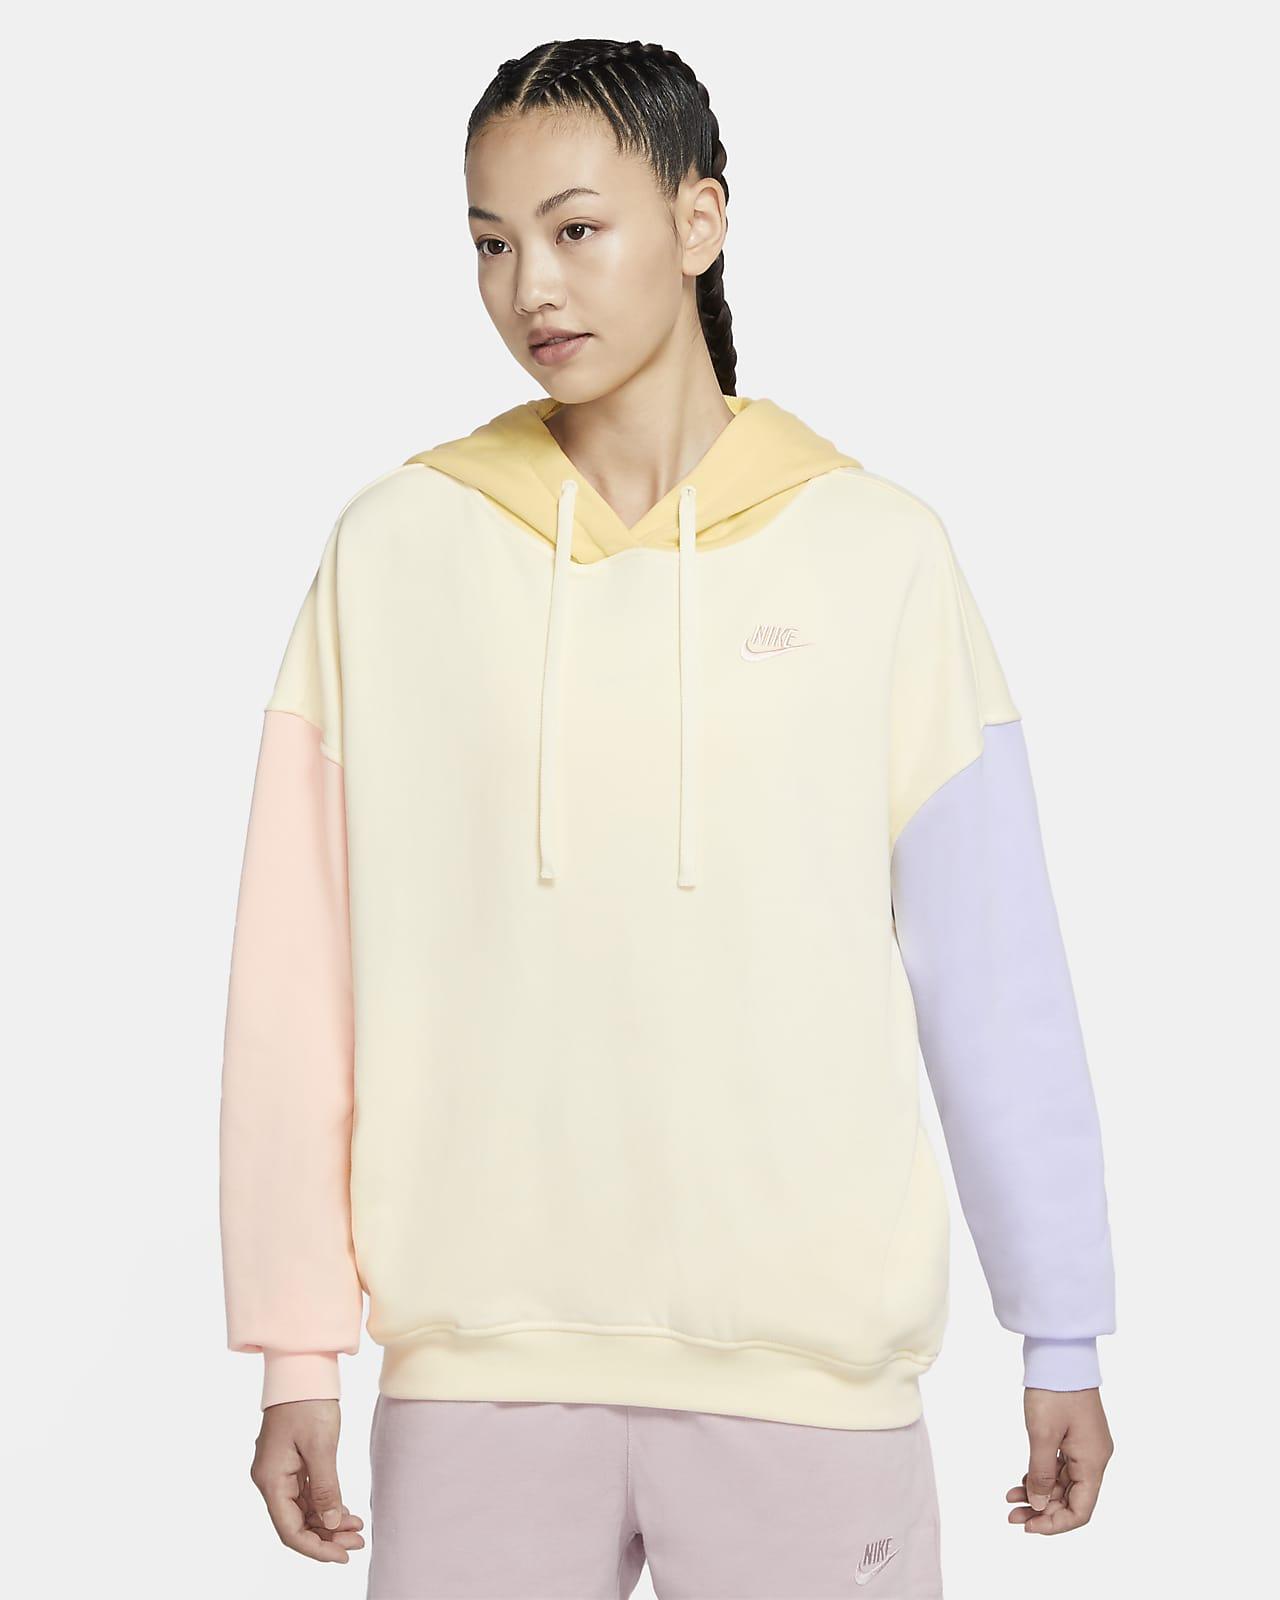 Nike Sportswear 女子套头连帽衫